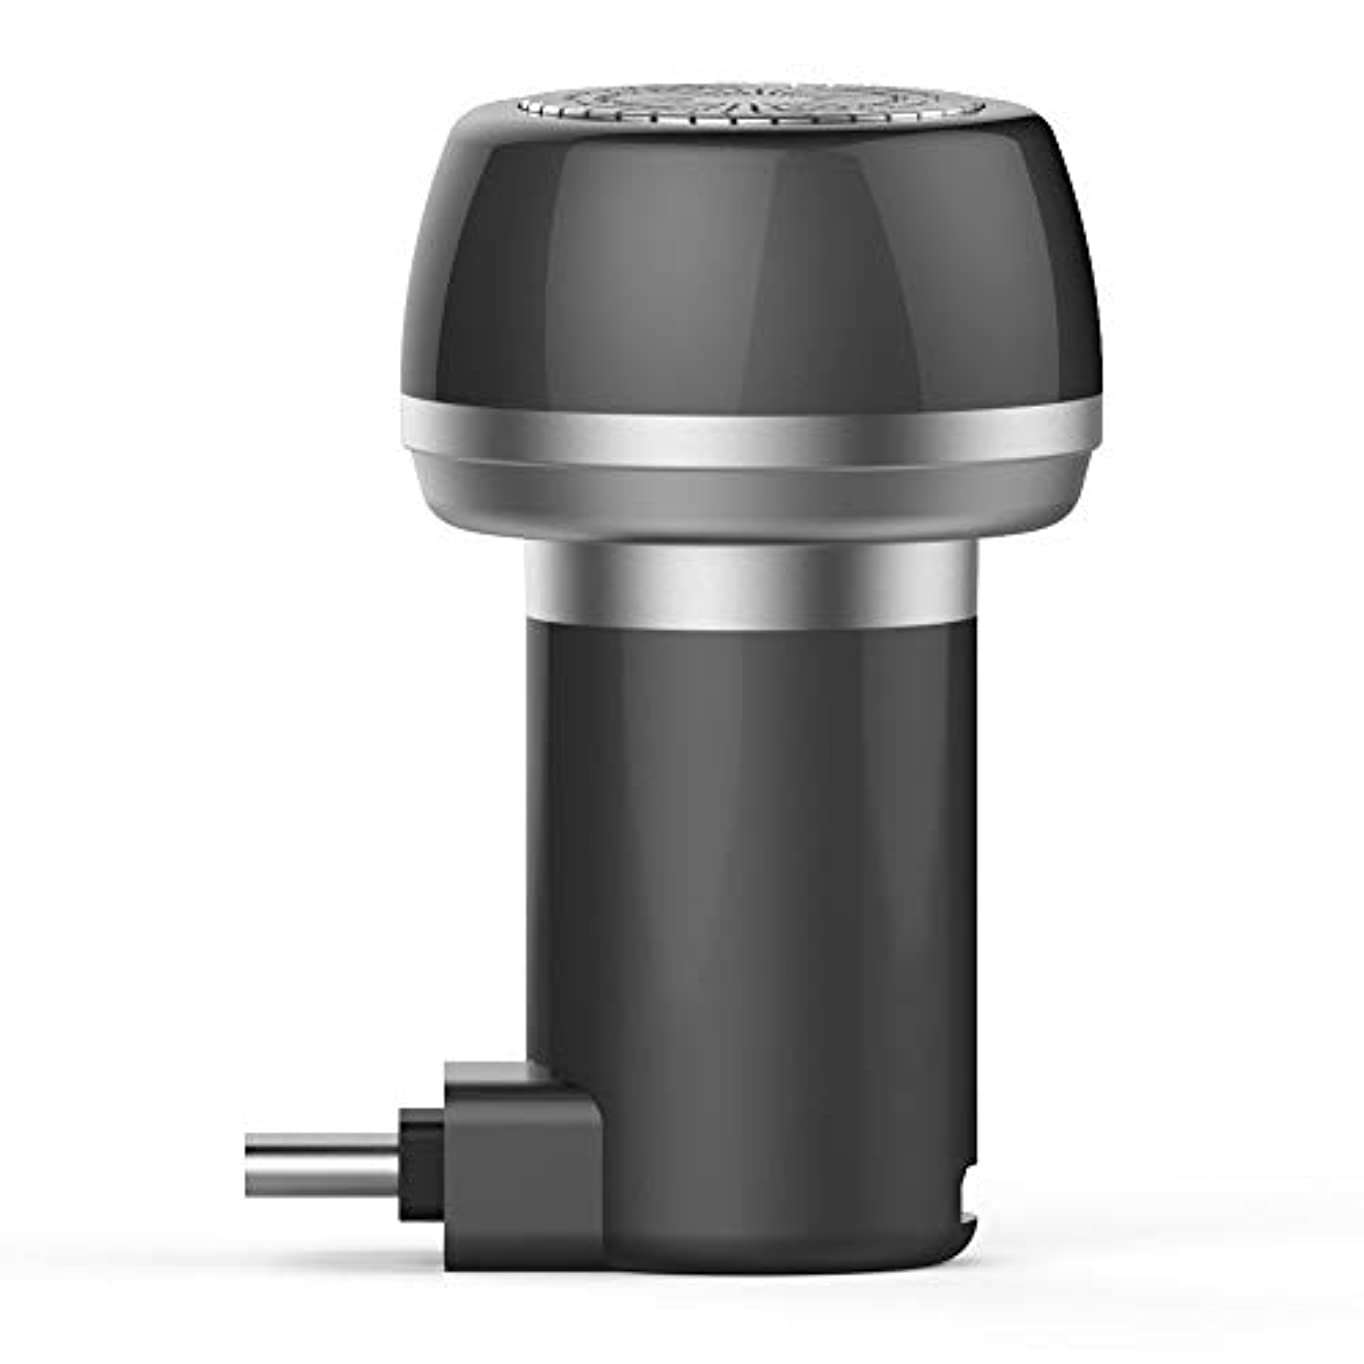 イル投票ドラゴンFuntoget 2 1磁気電気シェーバーミニポータブルType-C USB防水剃刀